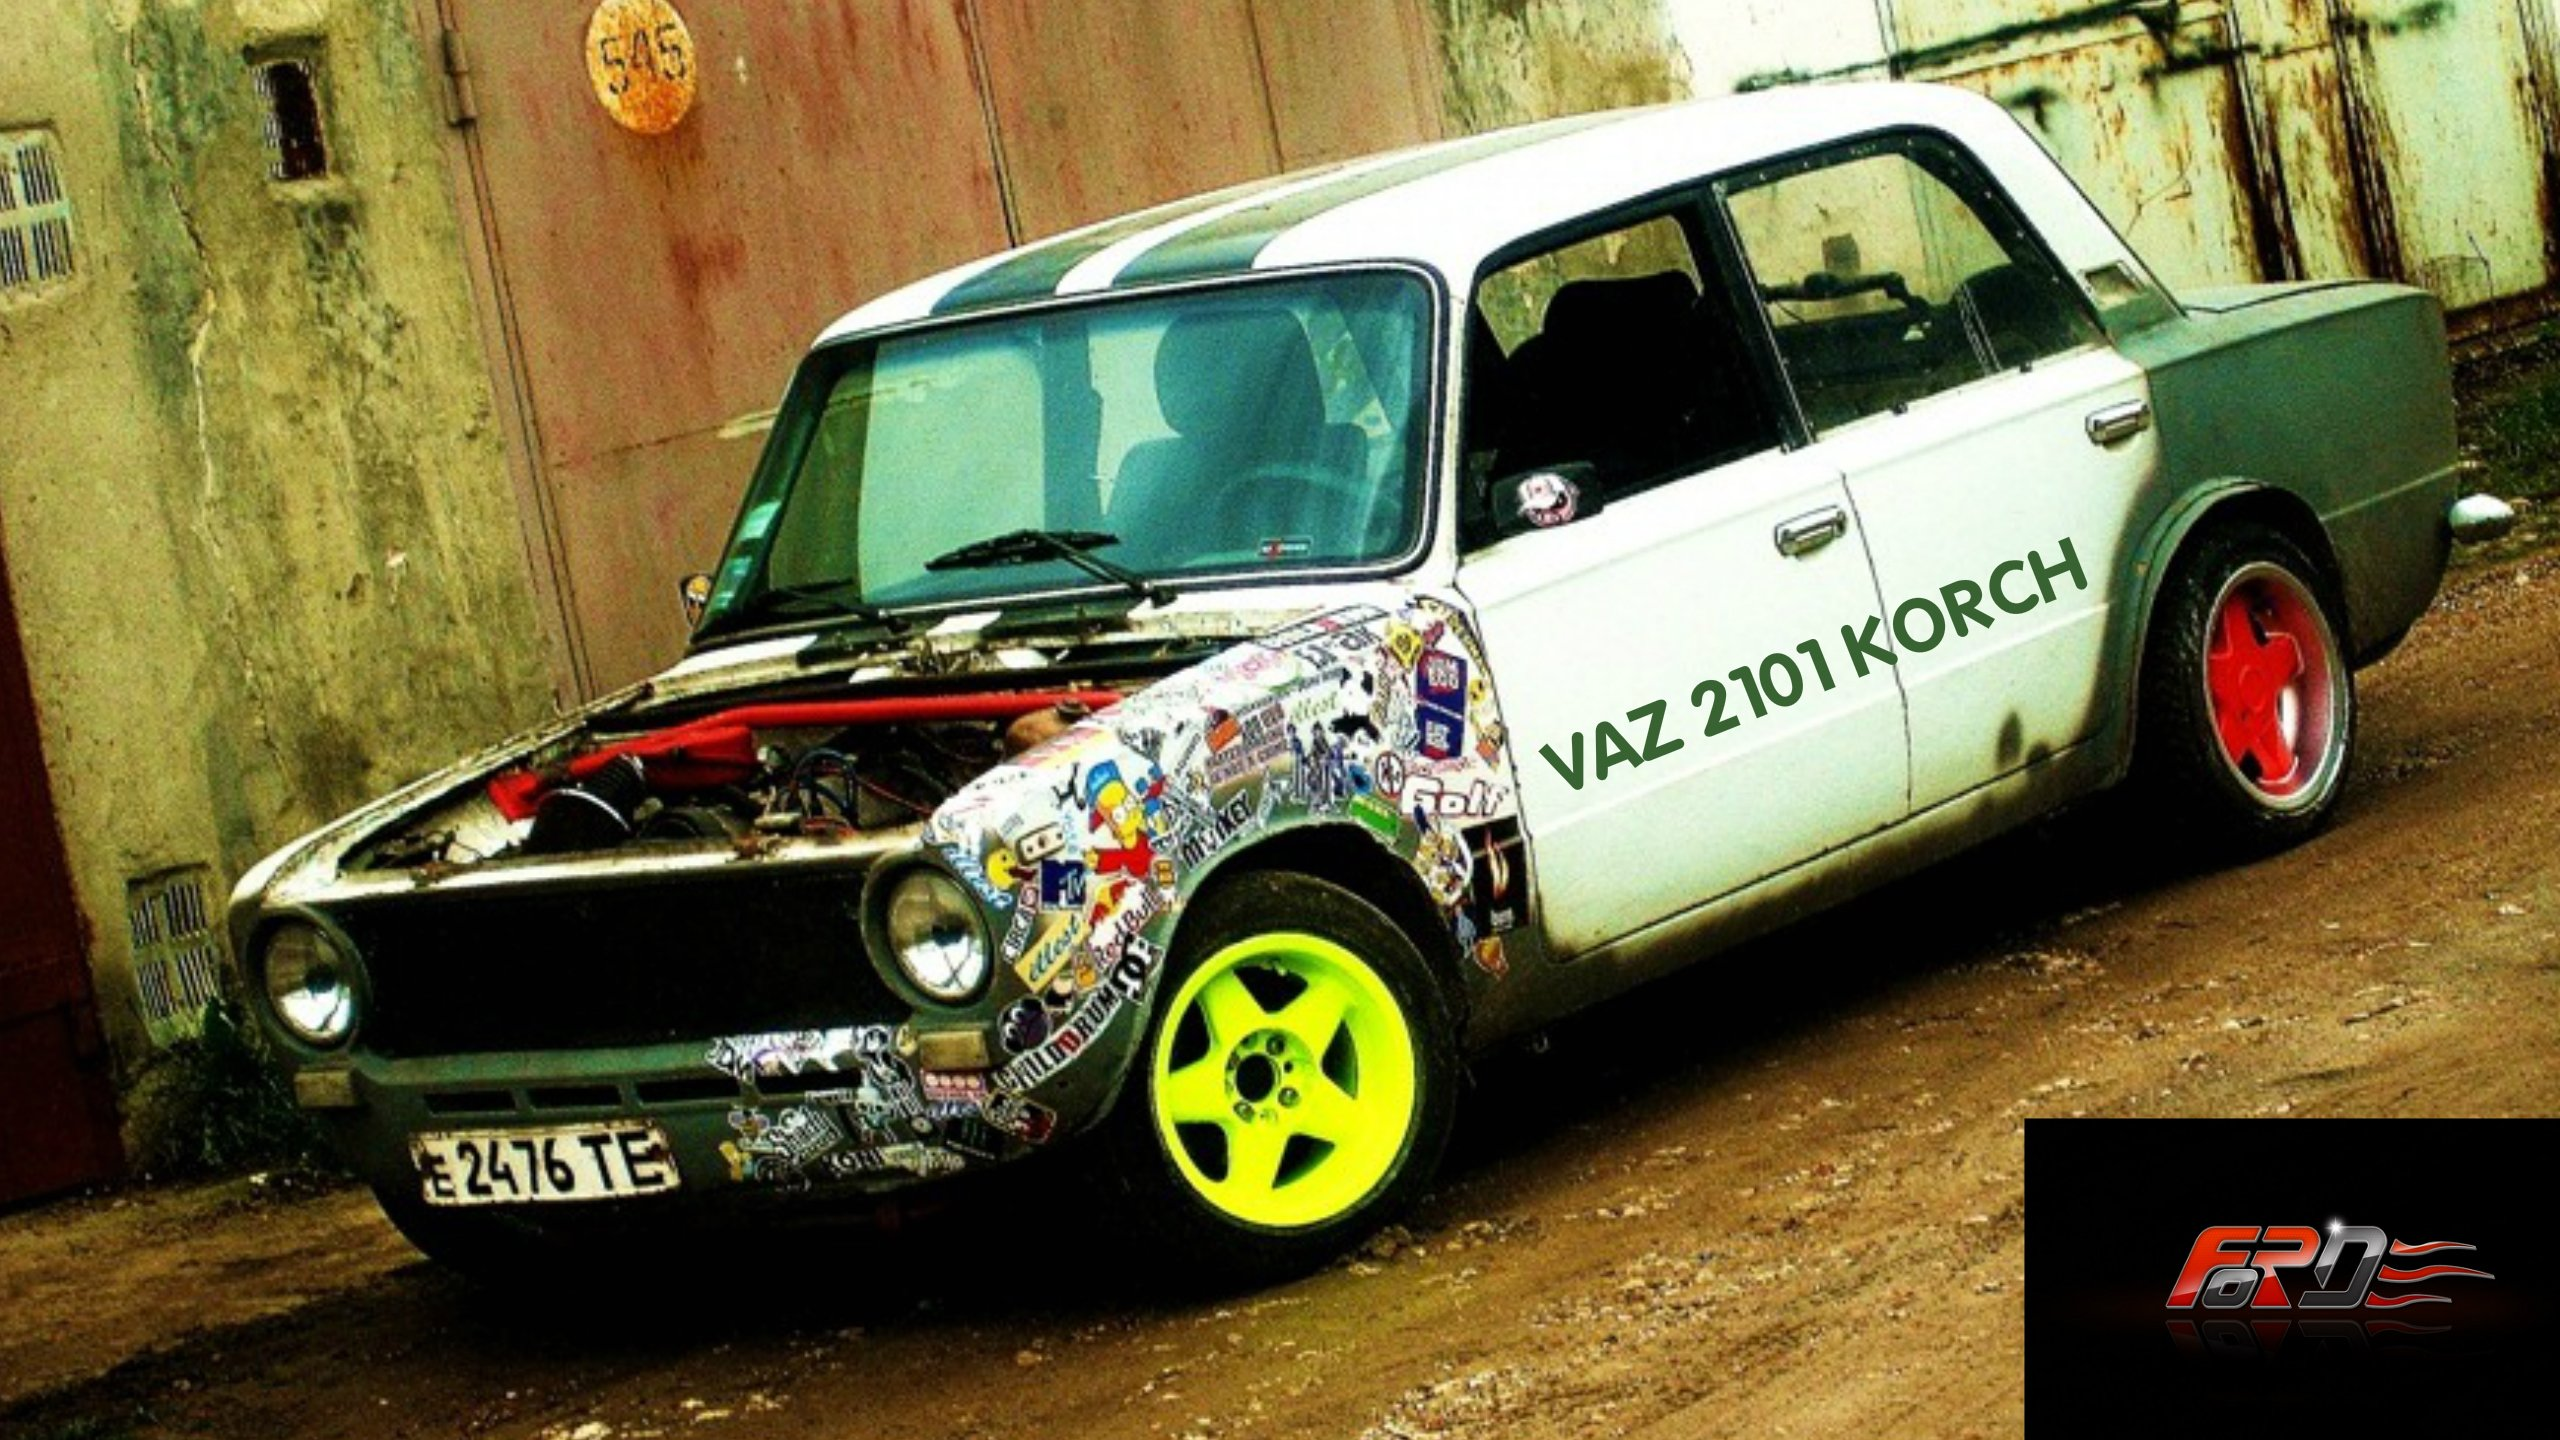 """ВАЗ 2101 """"Копейка"""" (VAZ 2101) корч тест-драйв, обзор, дрифт (DRIFT) зима в City Car Driving  - Изображение 1"""